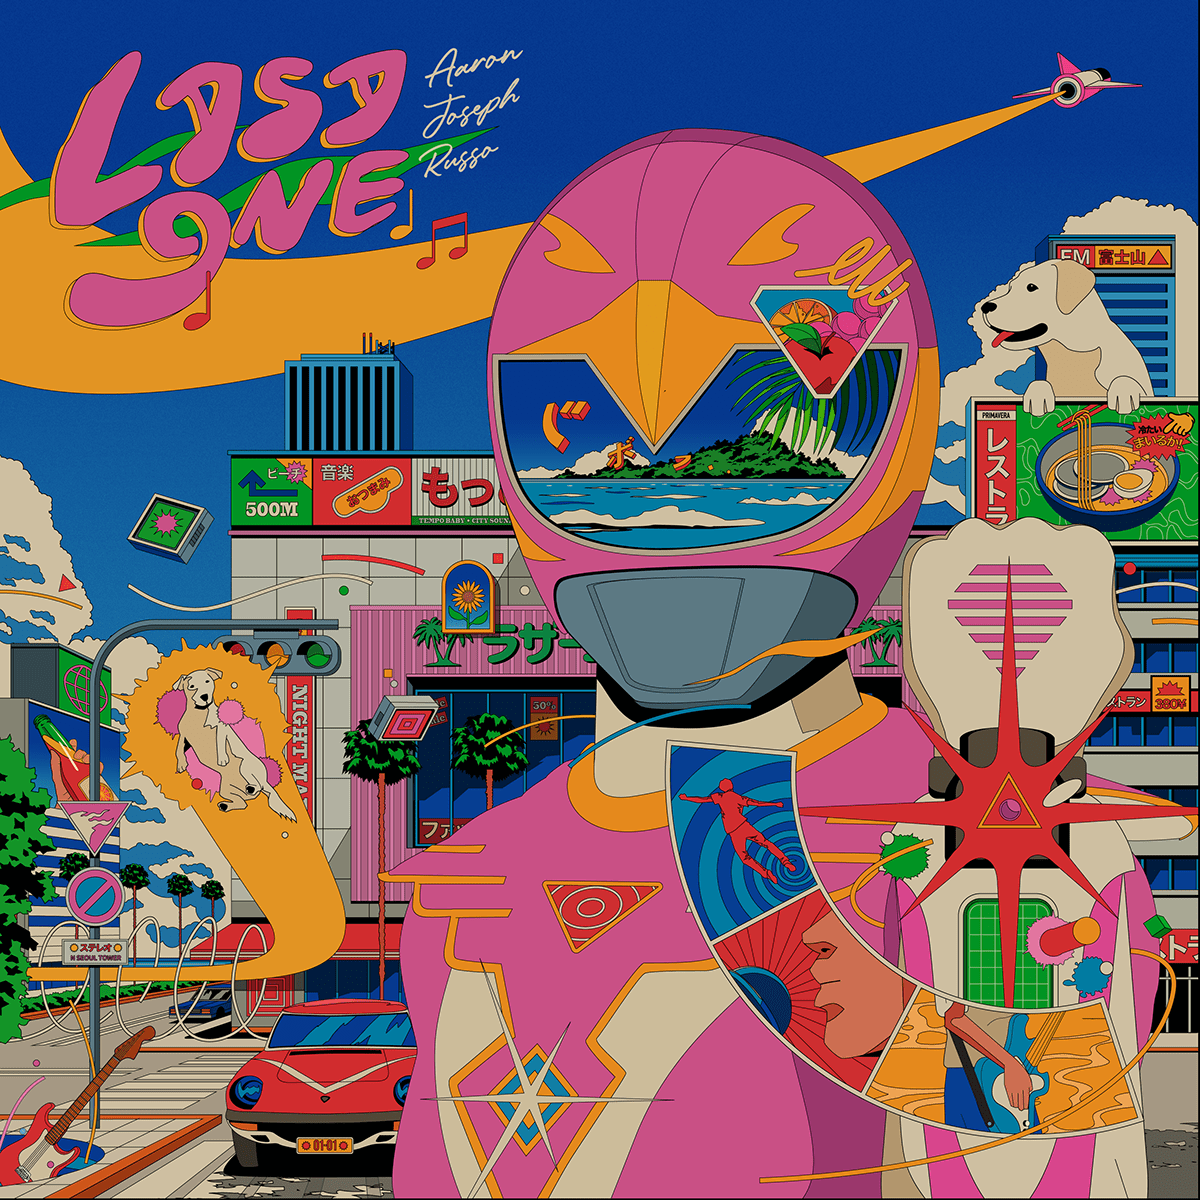 album art album cover graphic design  ILLUSTRATION  music